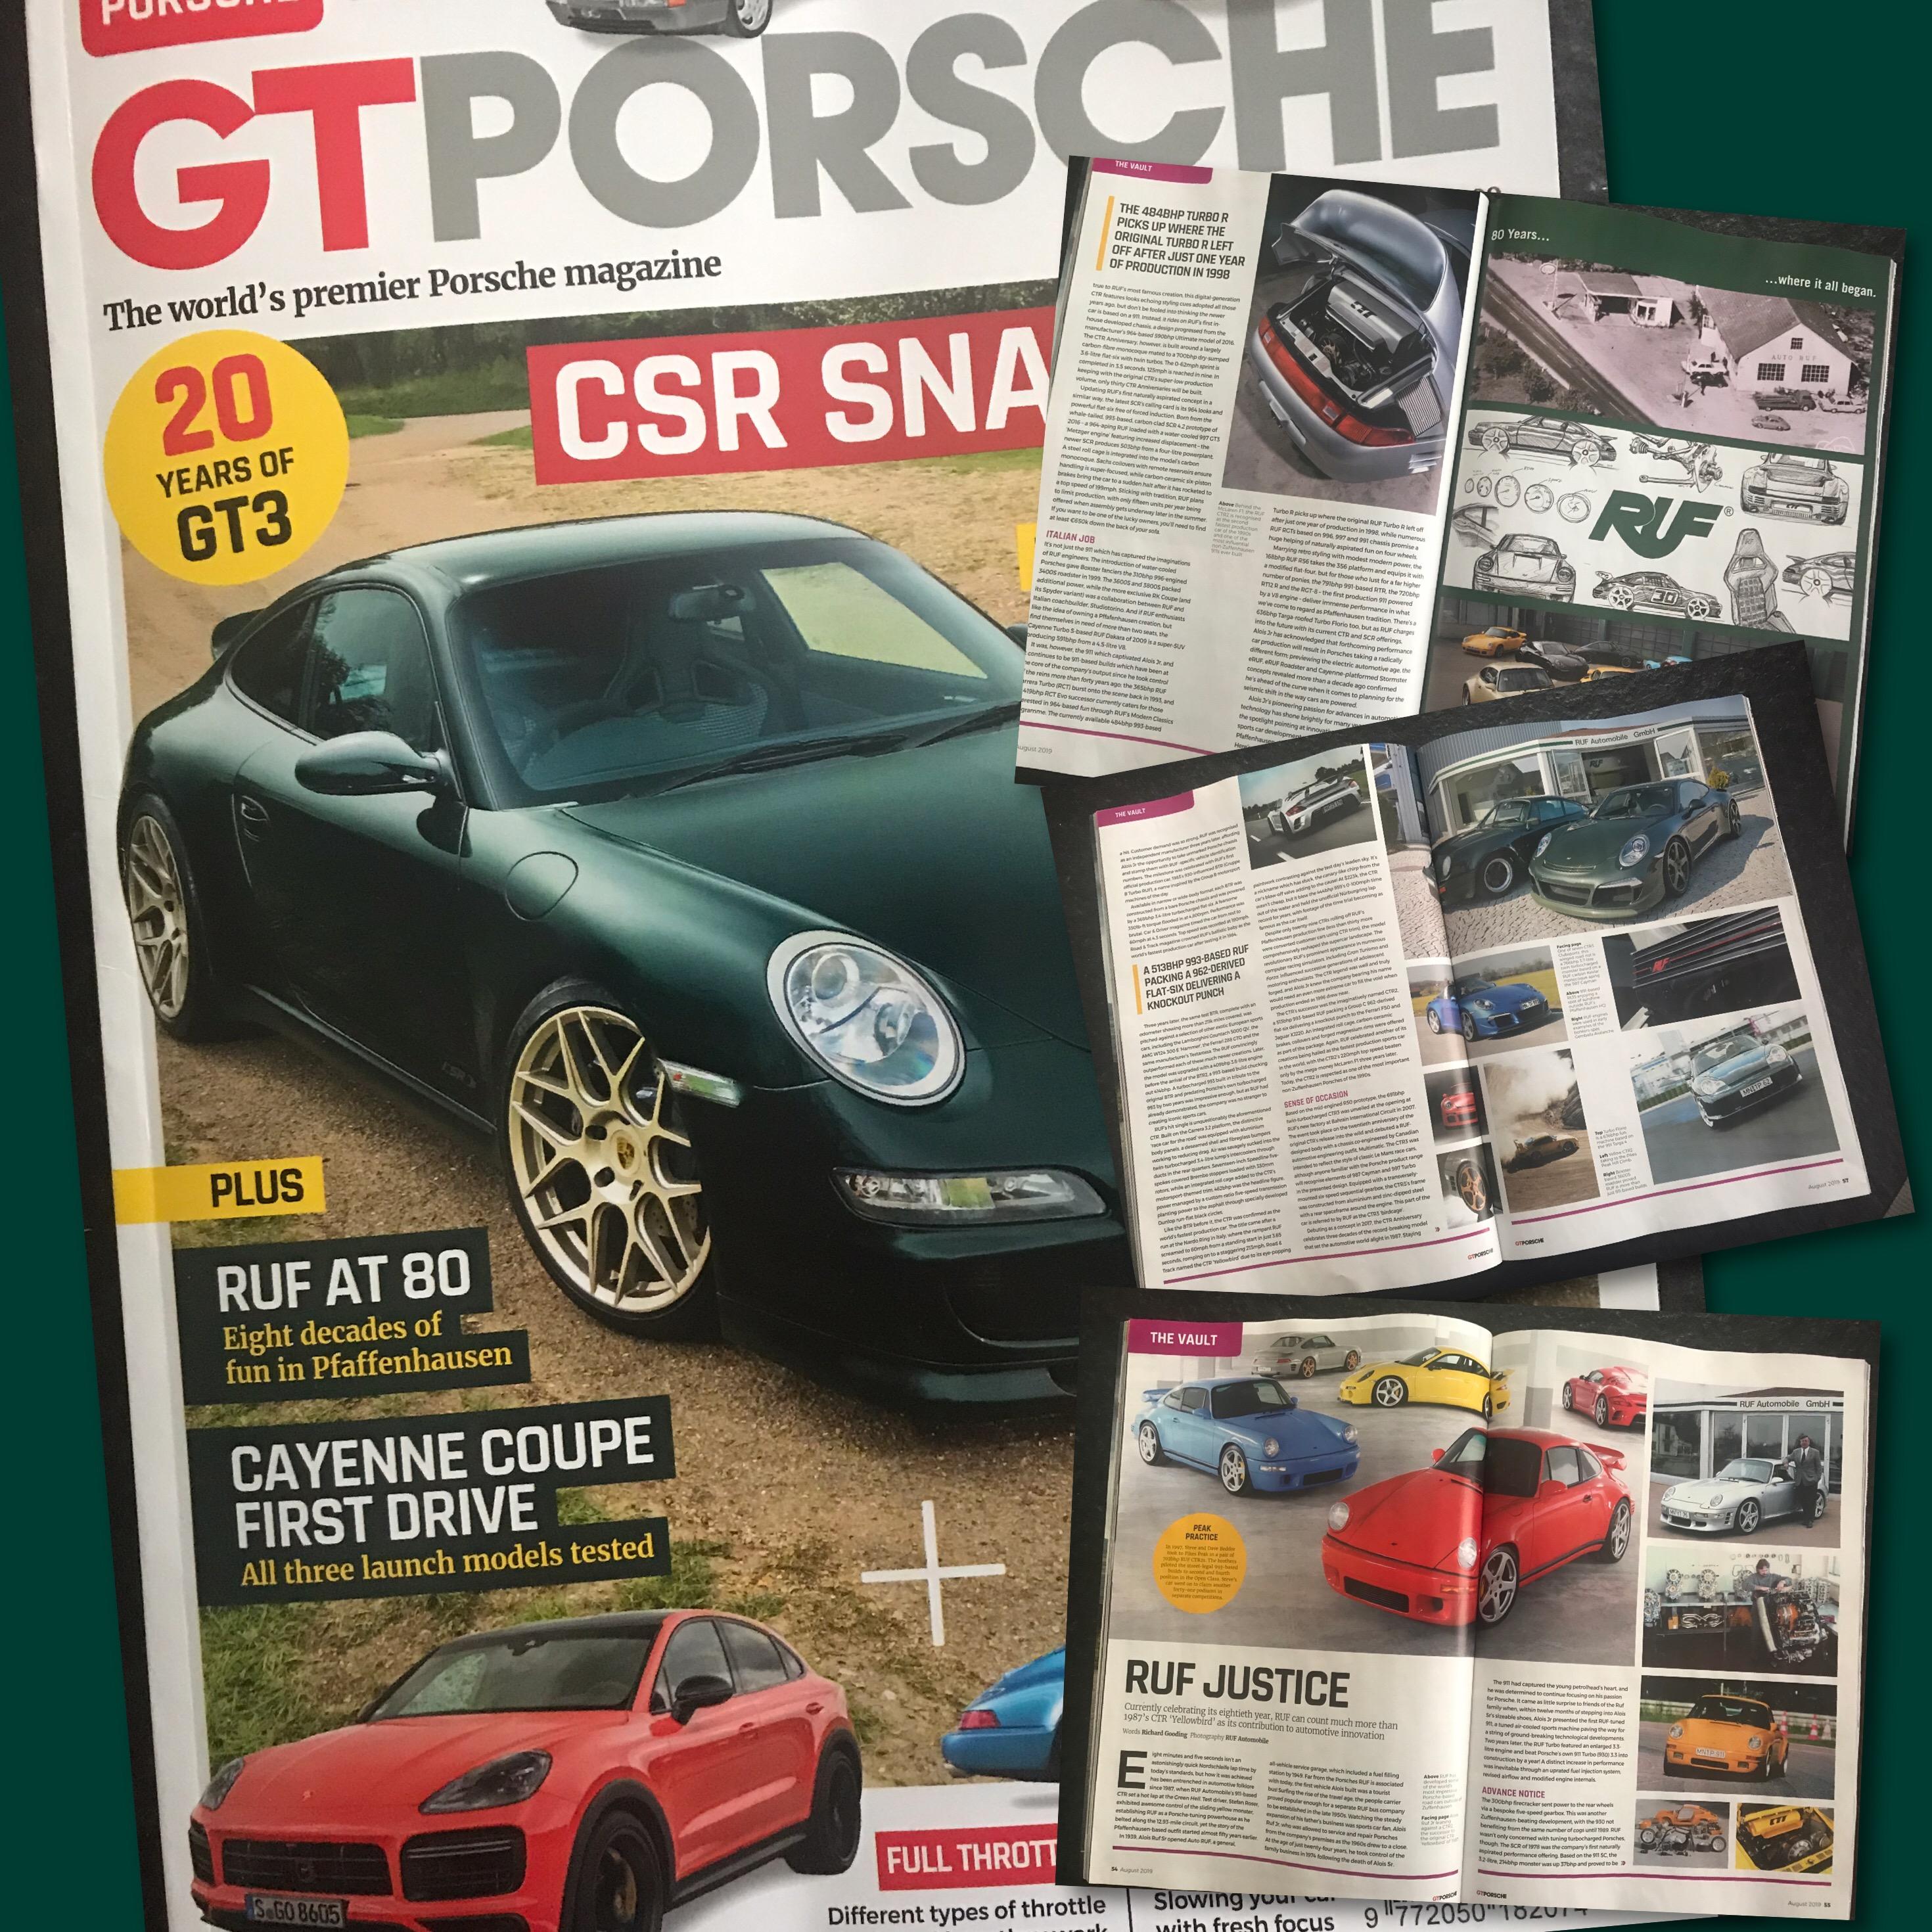 GT Porsche Magazine - July 2019